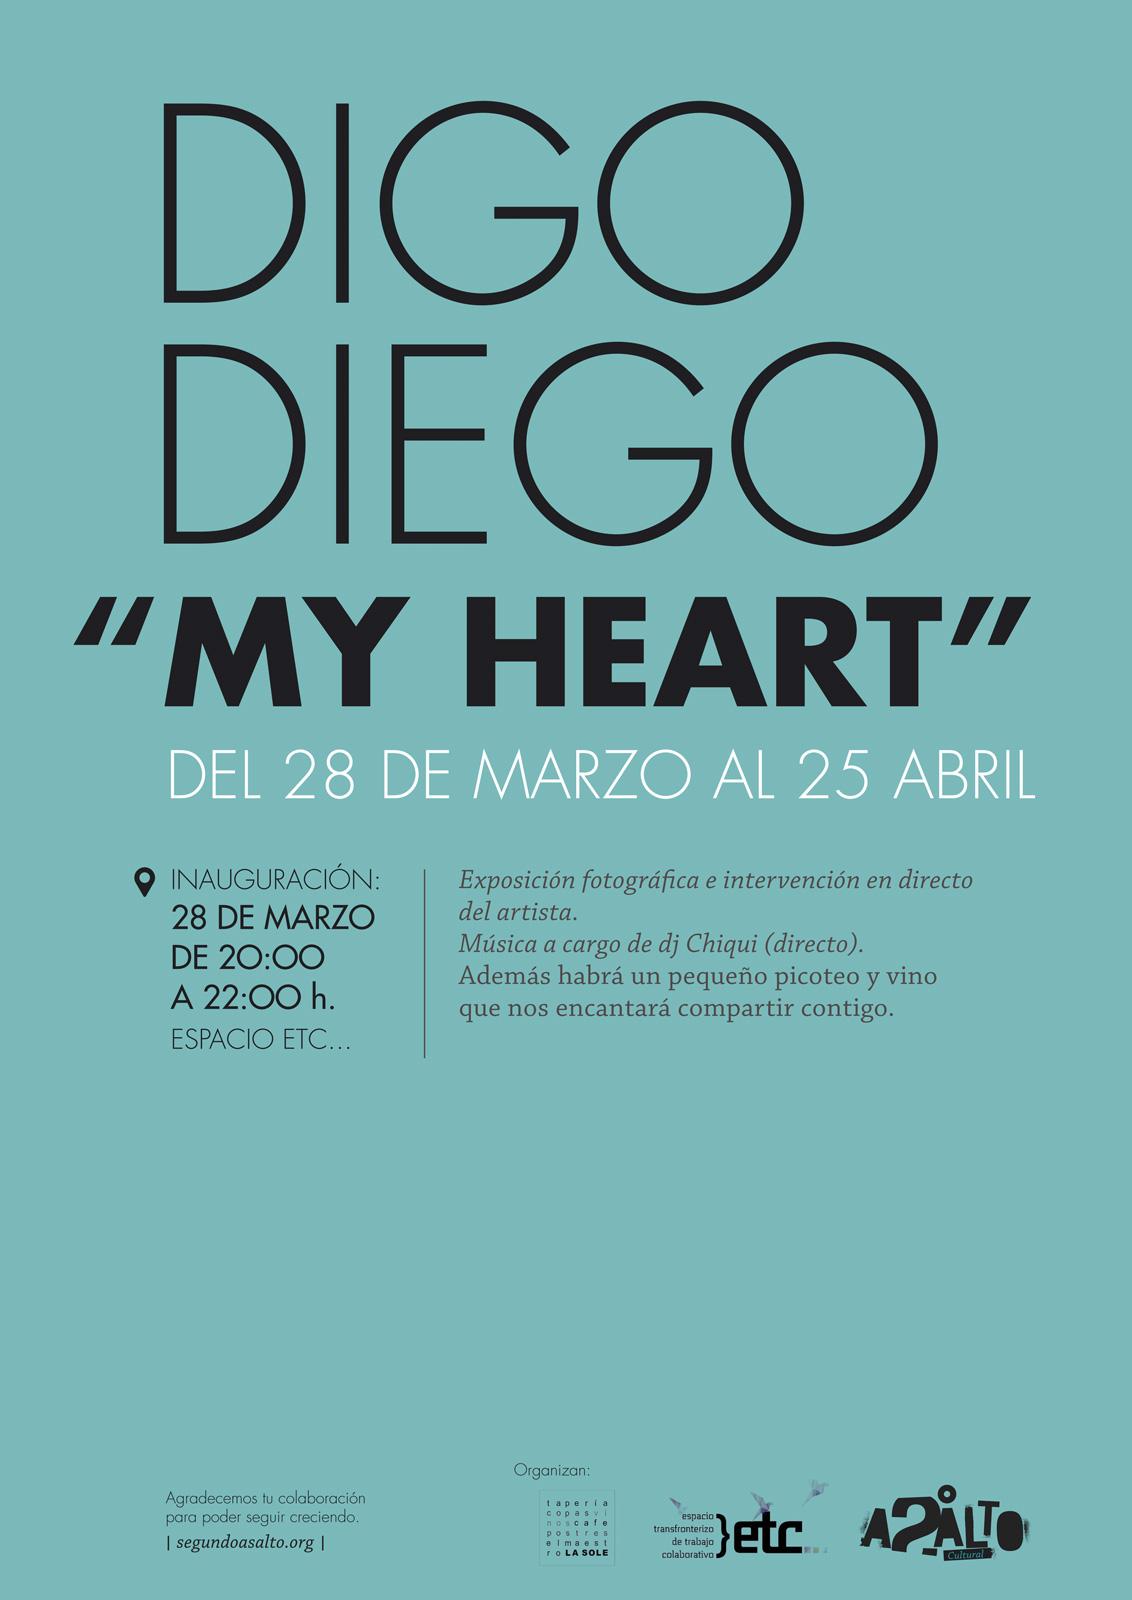 Cartel Digo Diego